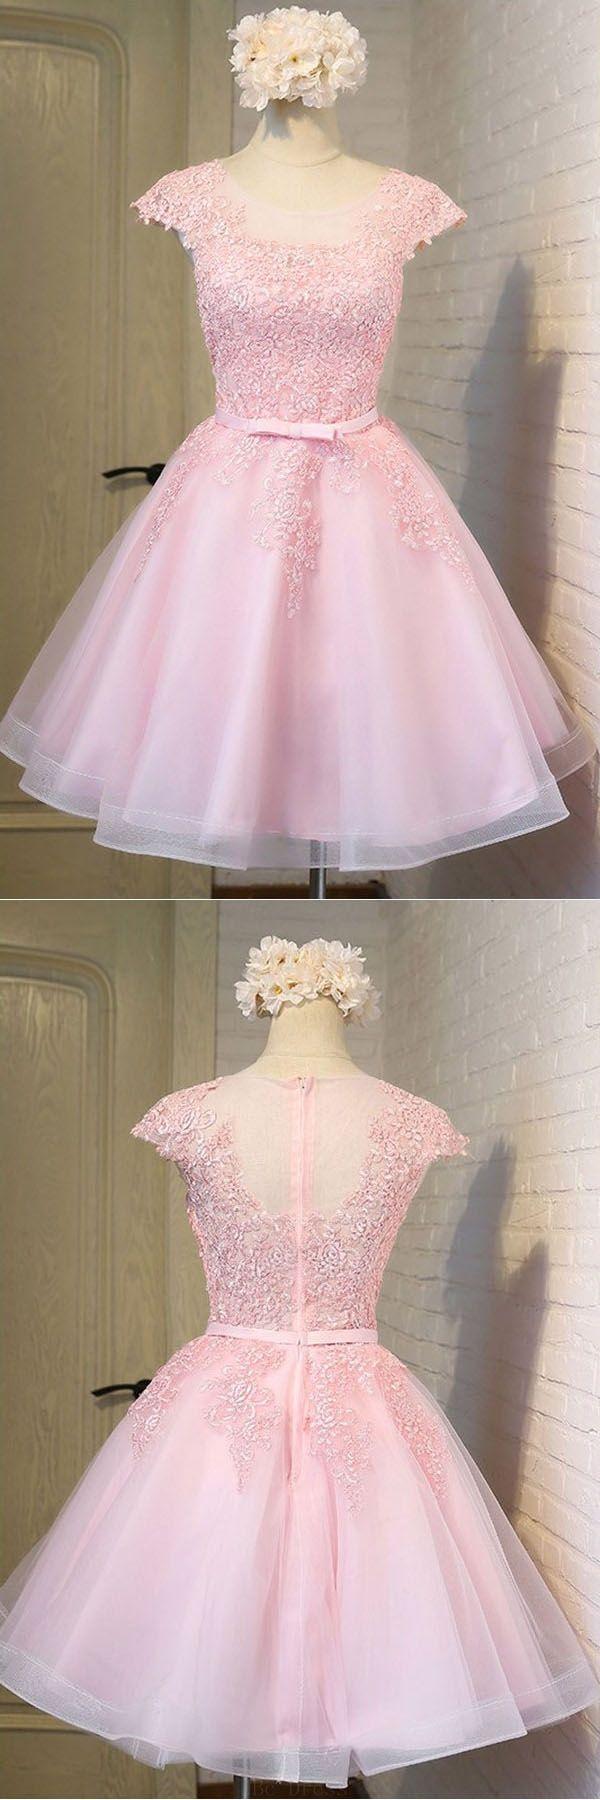 Prom dresses short promdressesshort prom dresses